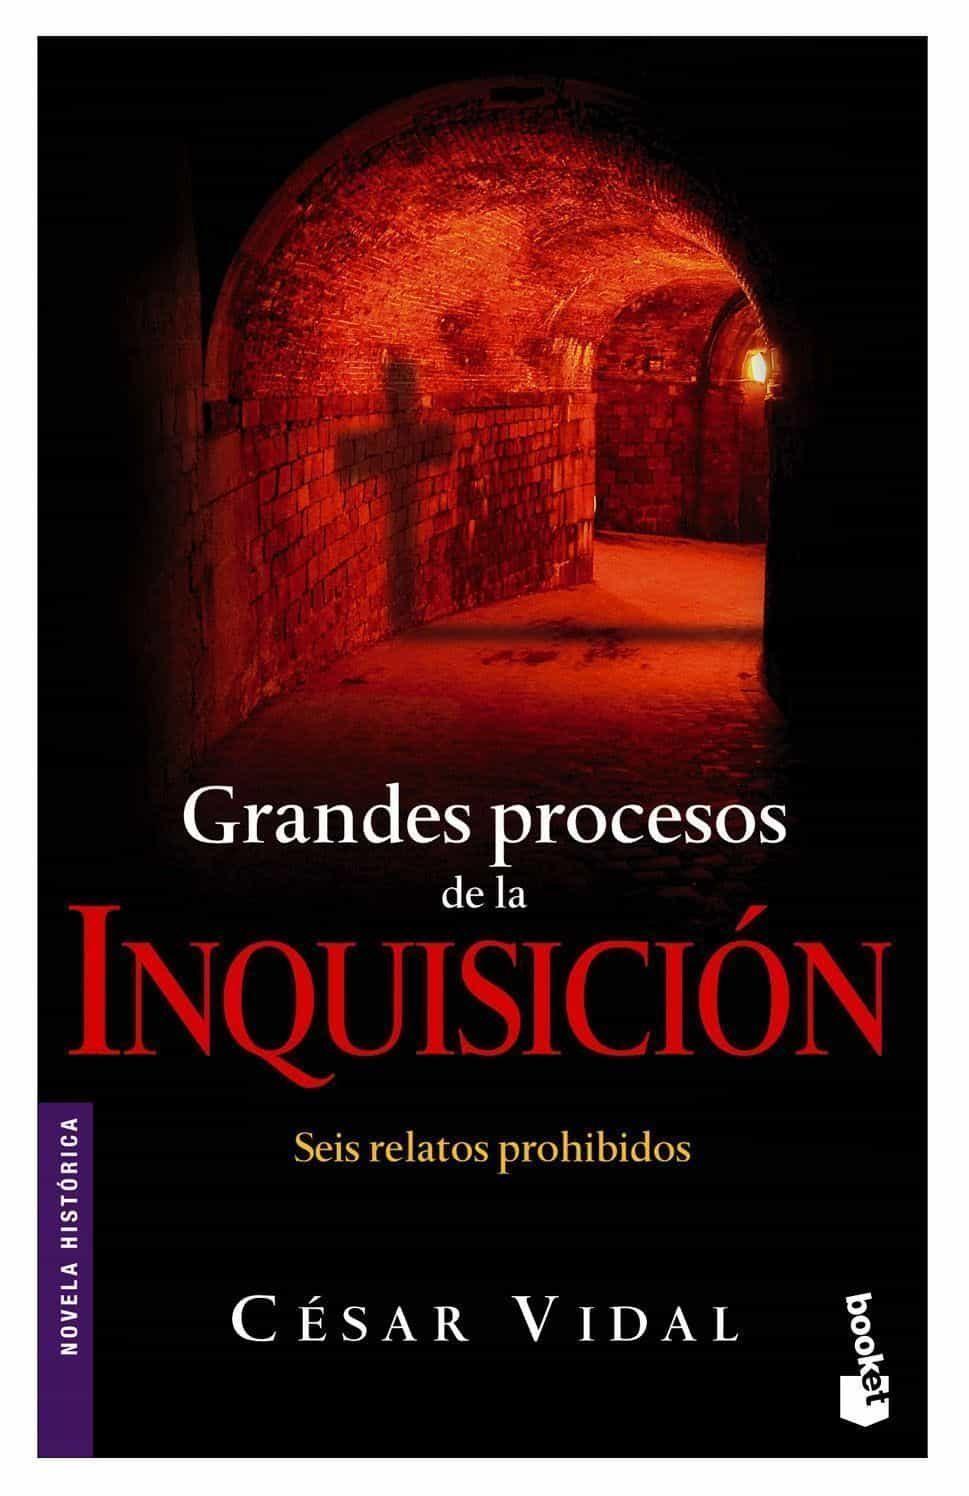 Grandes Procesos De La Inquisicion por Cesar Vidal epub